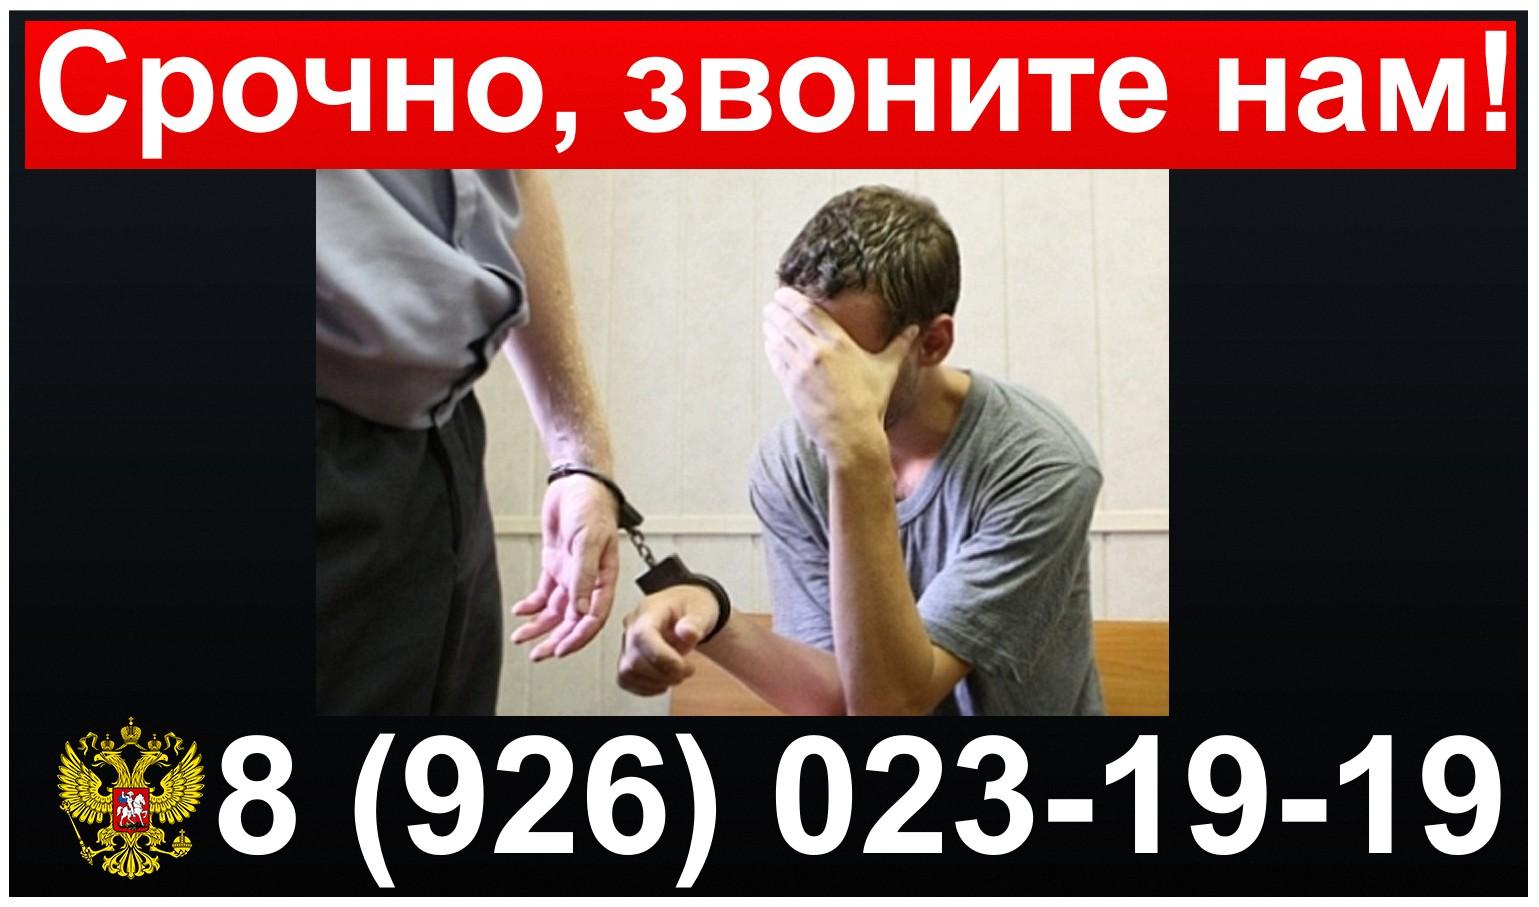 Адвокат по уголовным делам. Уголовный адвокат в Москве